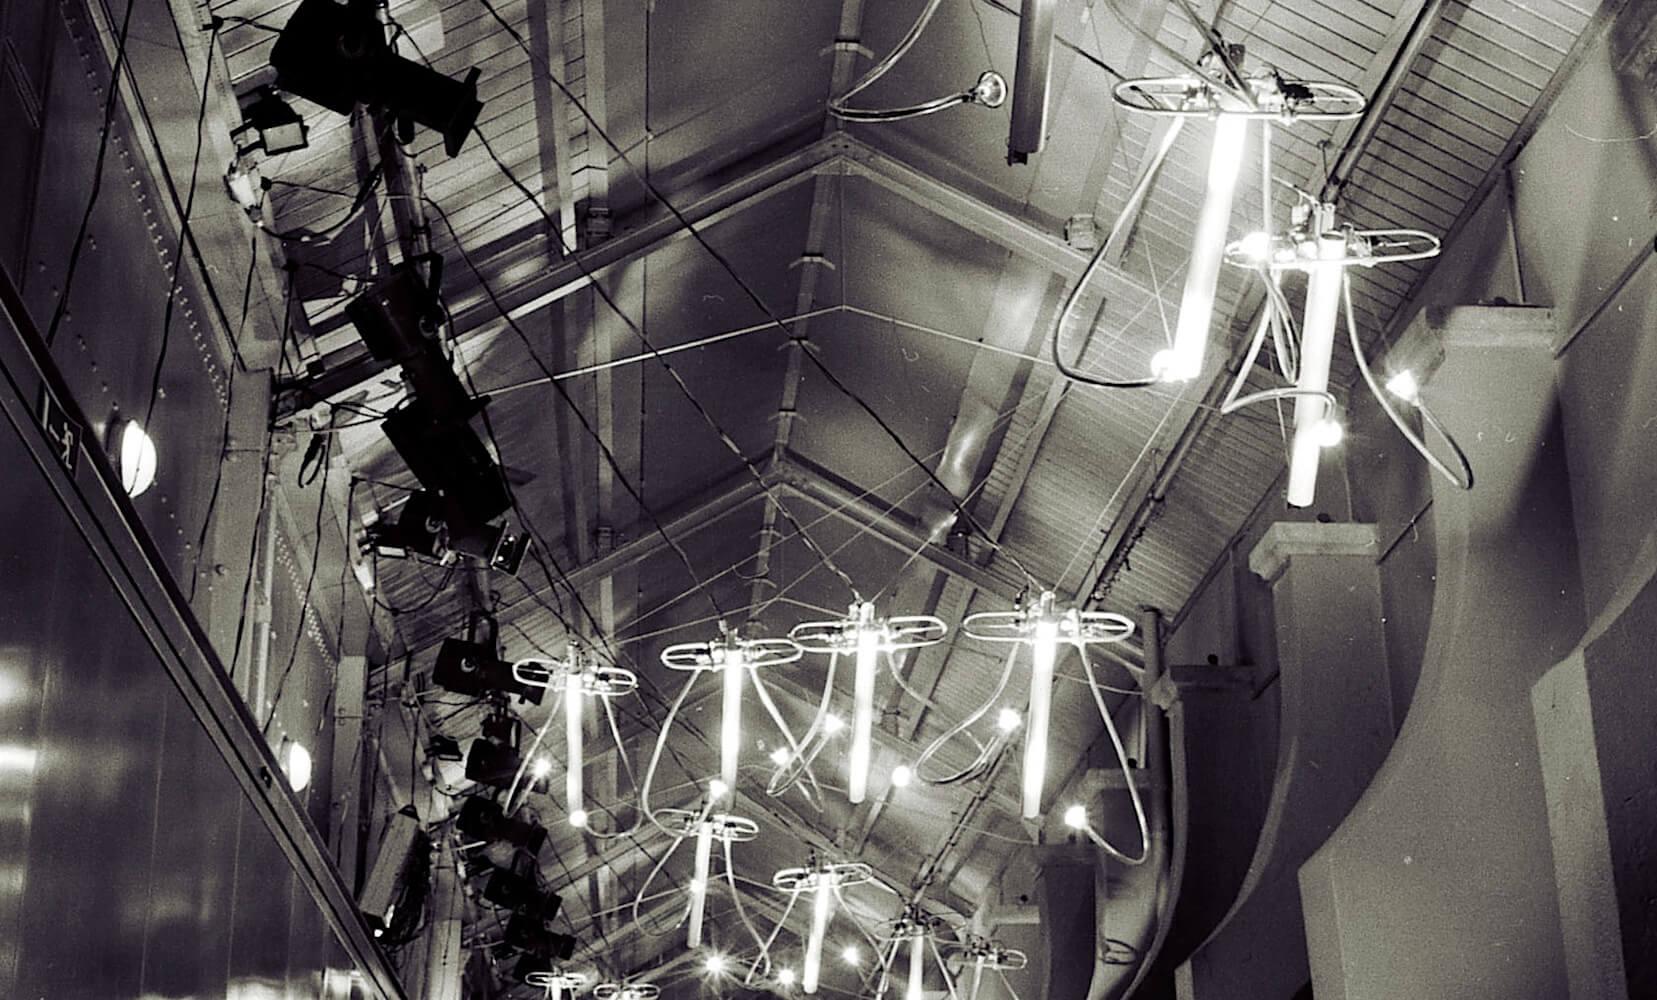 Photographie Noir et blanc : carillons tubulaires suspendus en forme de vol d'oiseaux sous une voute